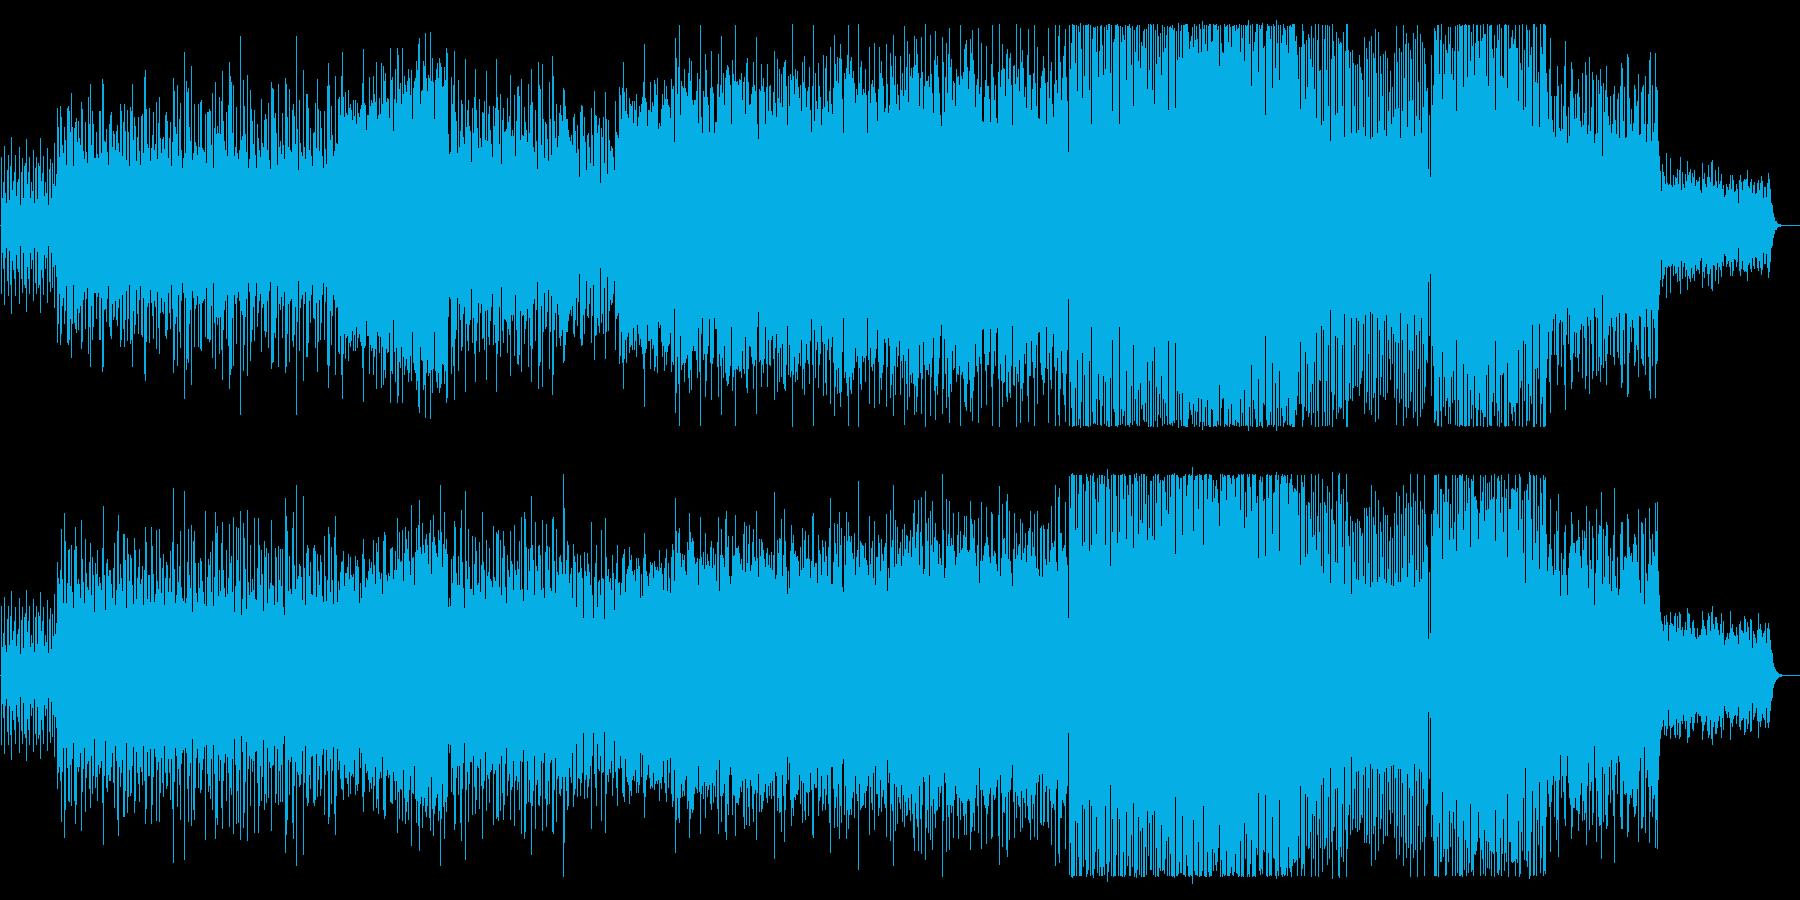 張り詰めた焦燥感が不気味なエレクトロニカの再生済みの波形